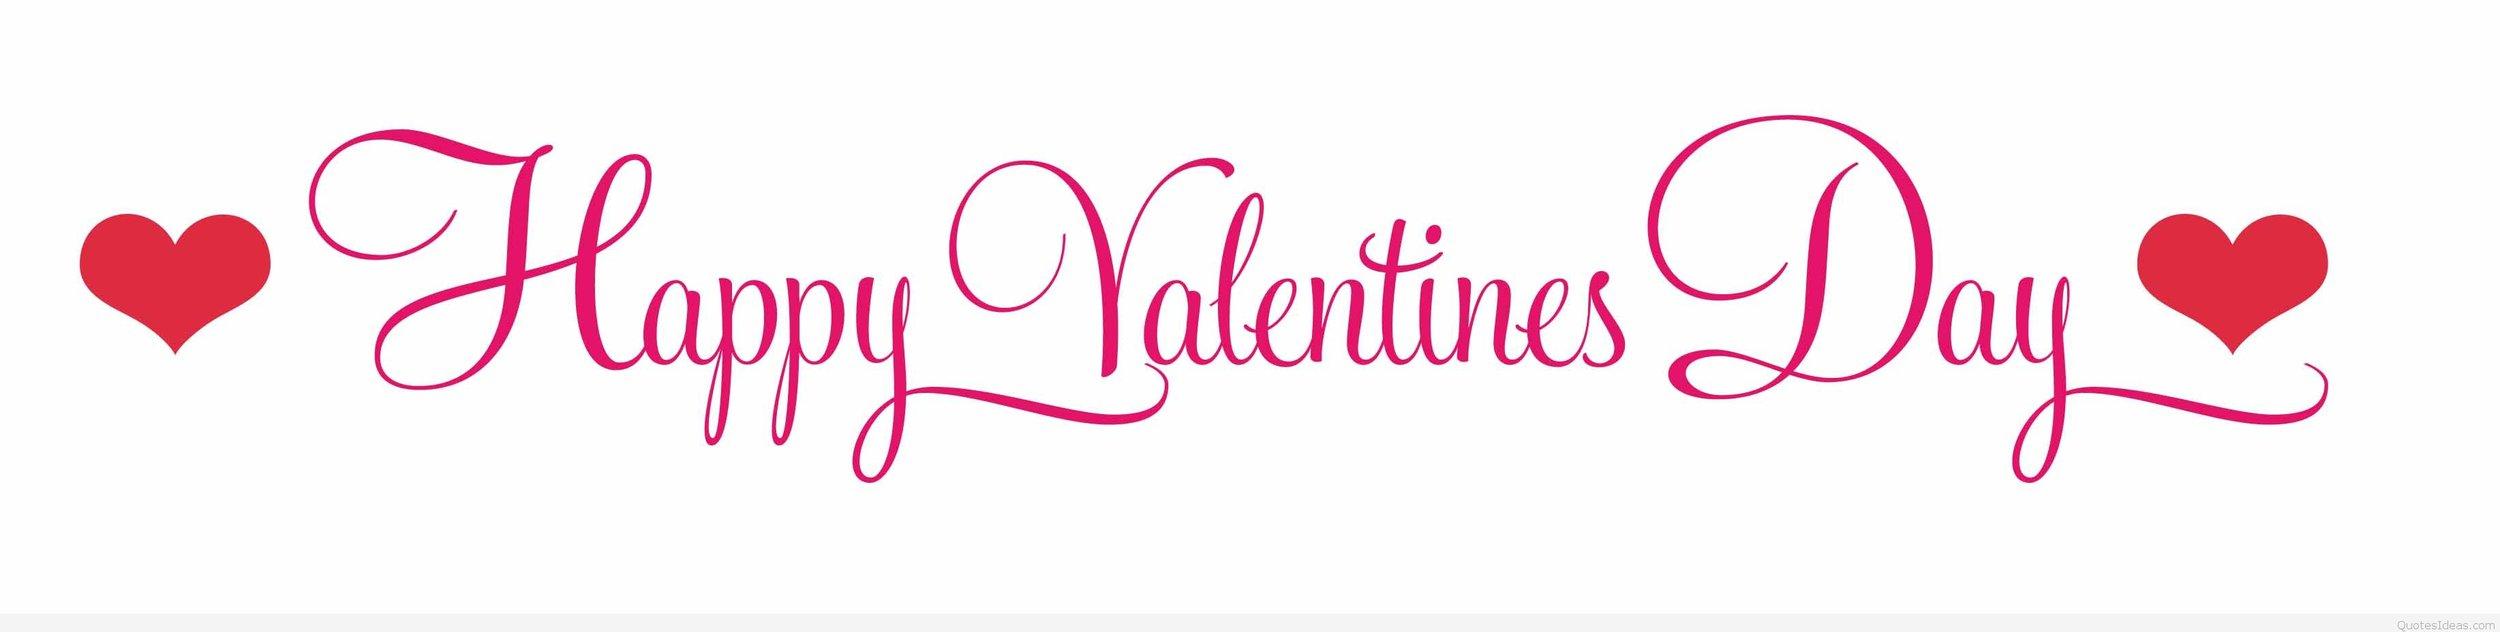 valentines-day-clipart-banner-2.jpg